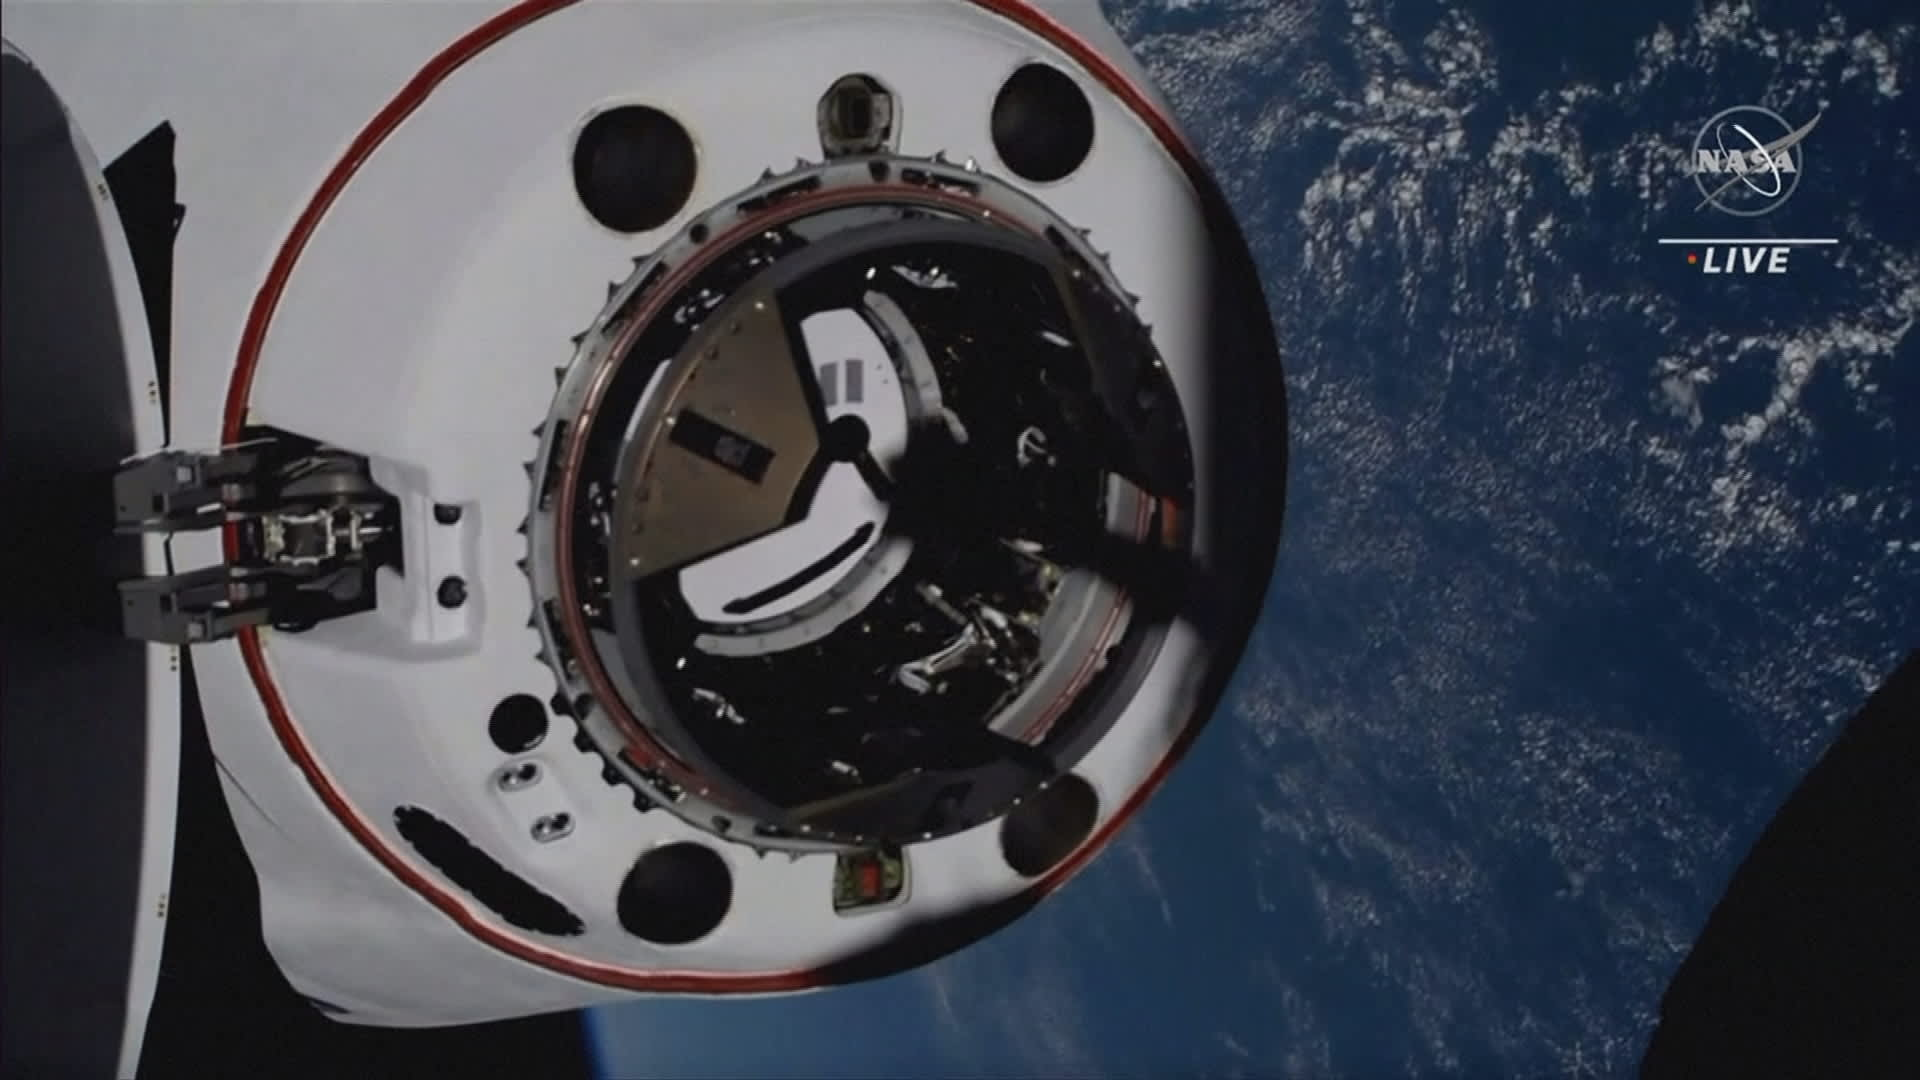 Miehistö vaihtui kansainvälisellä avaruusasemalla ISS:llä